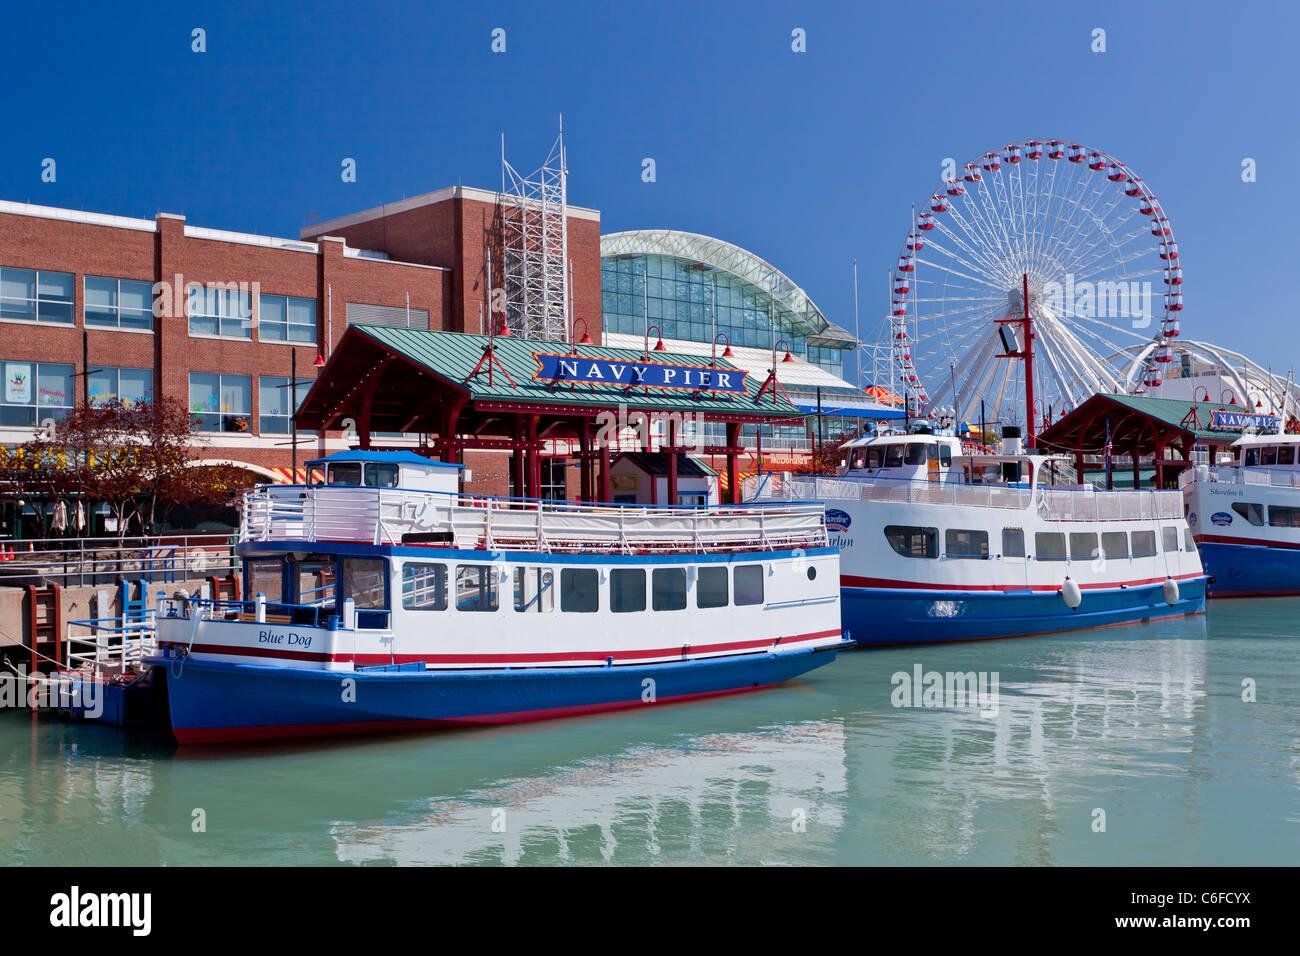 Botes de paseo en el Navy Pier de Chicago, Illinois, Estados Unidos. Imagen De Stock